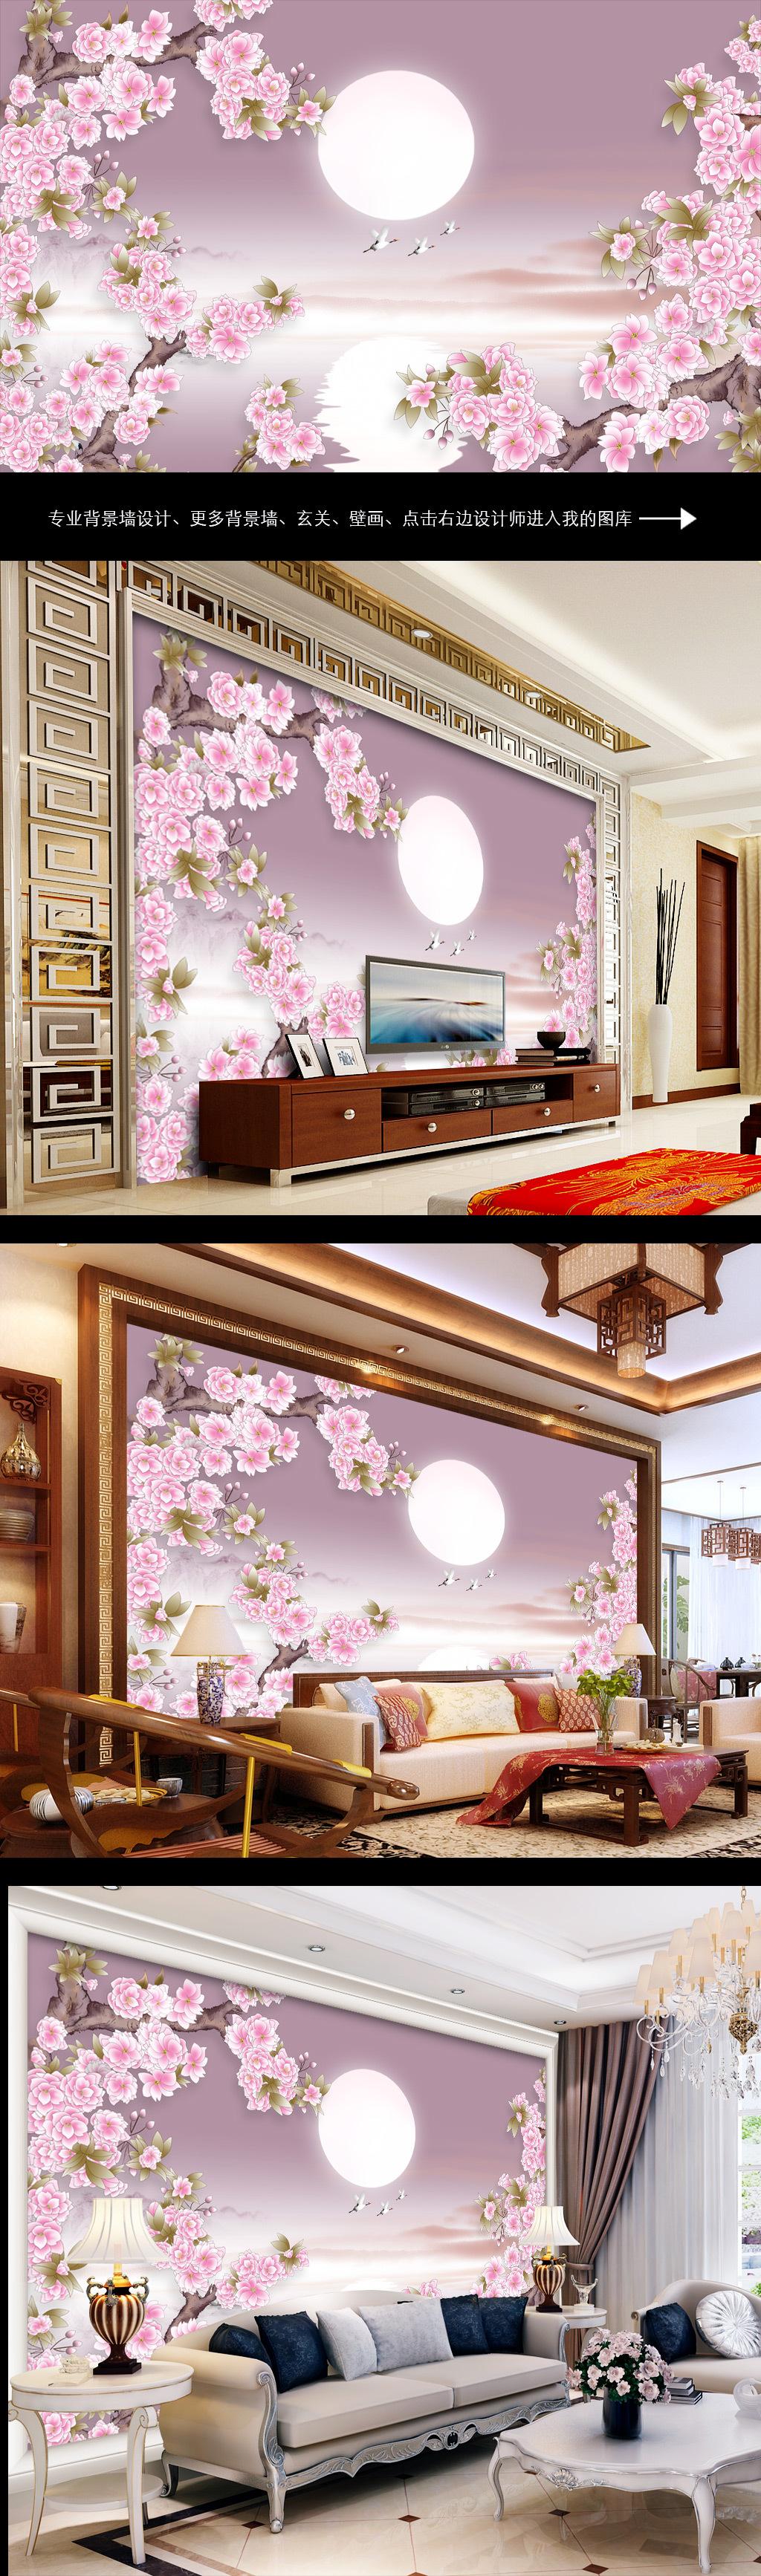 手绘花卉山川中式电视背景墙壁画096